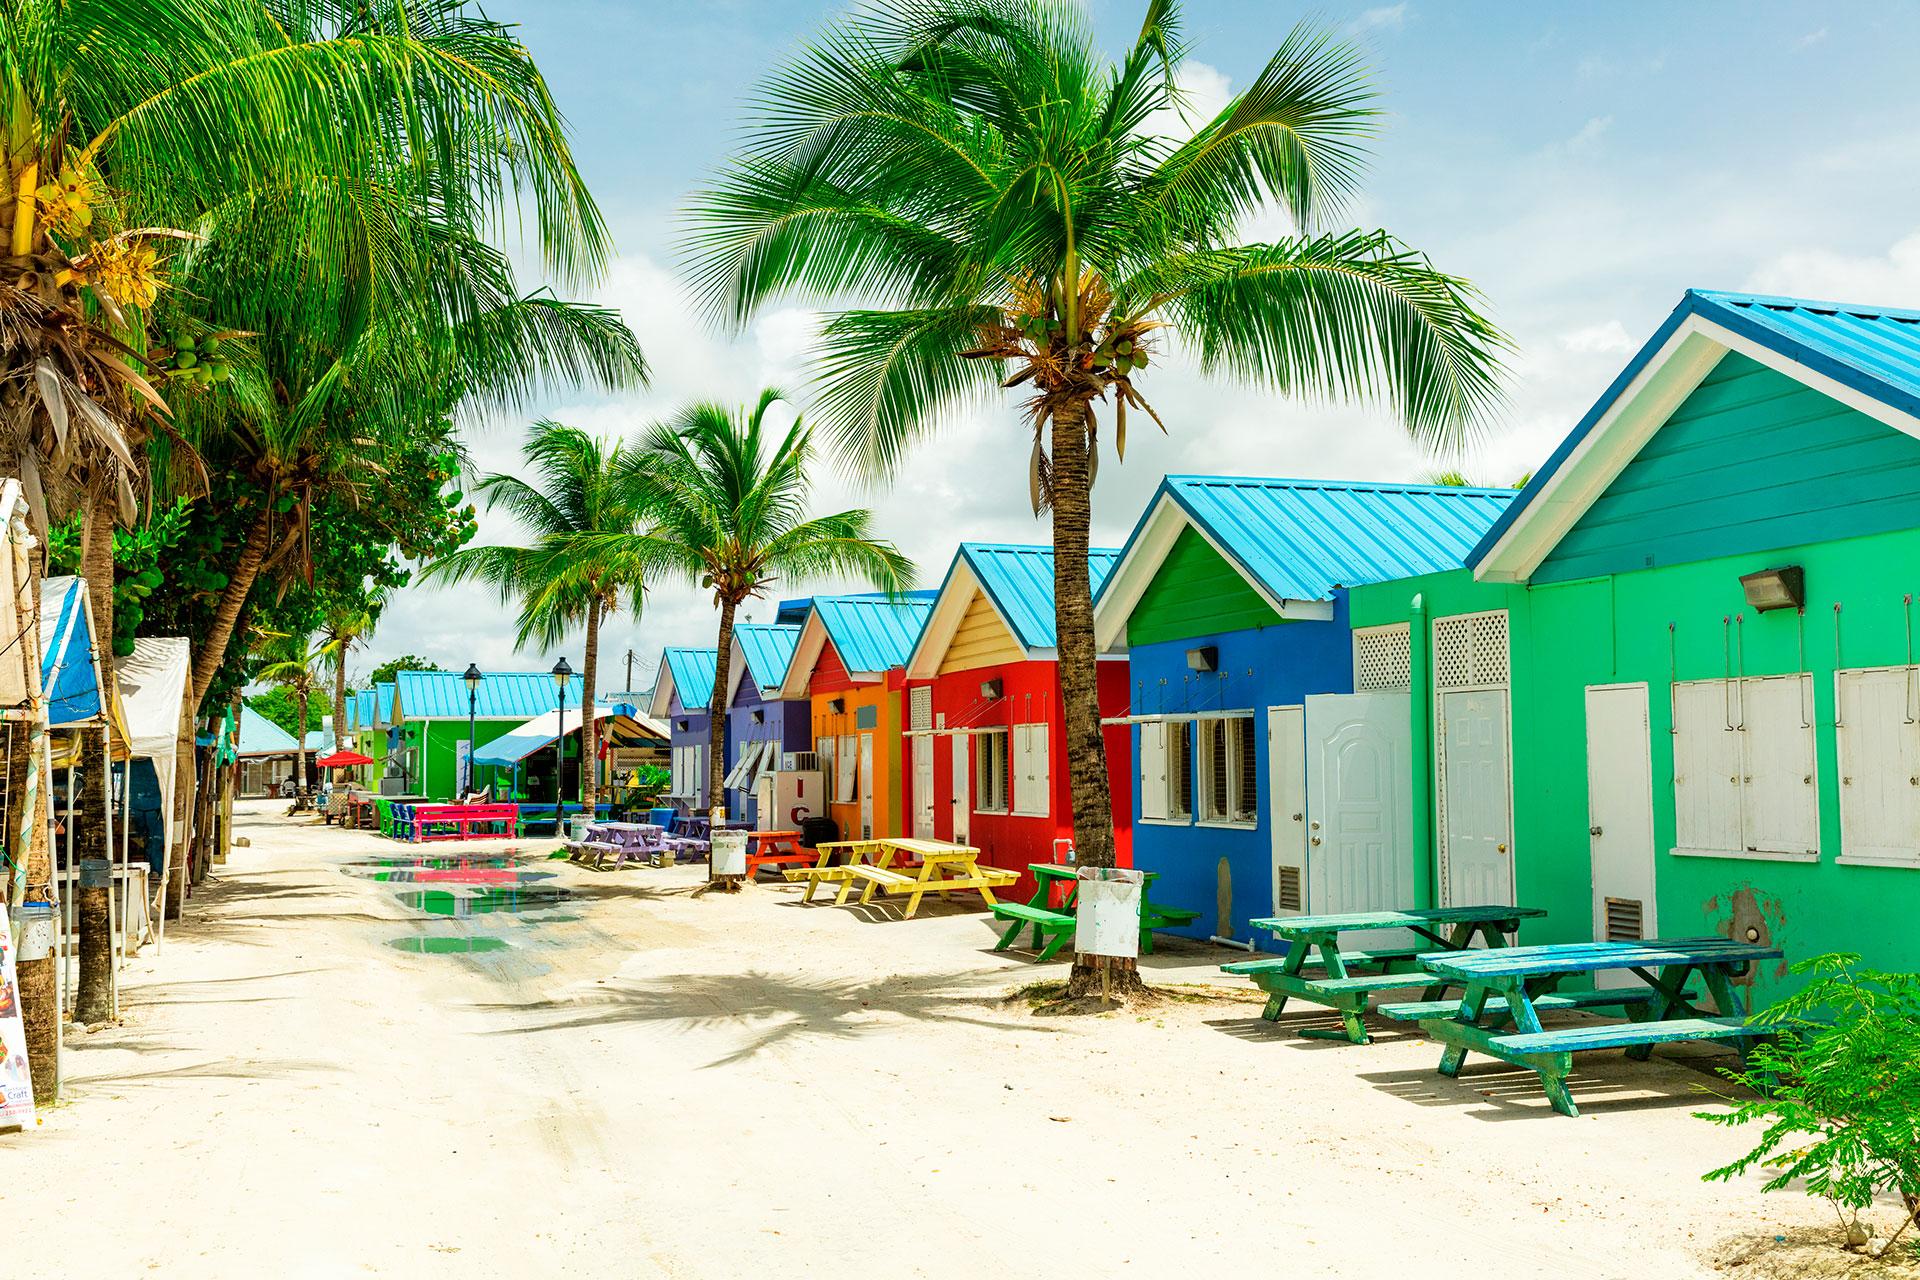 Barbados ha visto menos de 100 casos de coronavirus, y no está prohibido viajar a la isla caribeña. Deriva el 13,13% de su PIB del turismo. Sin embargo, los visitantes de cualquier país con un brote generalizado deben permanecer en cuarentena durante 14 días cuando llegan